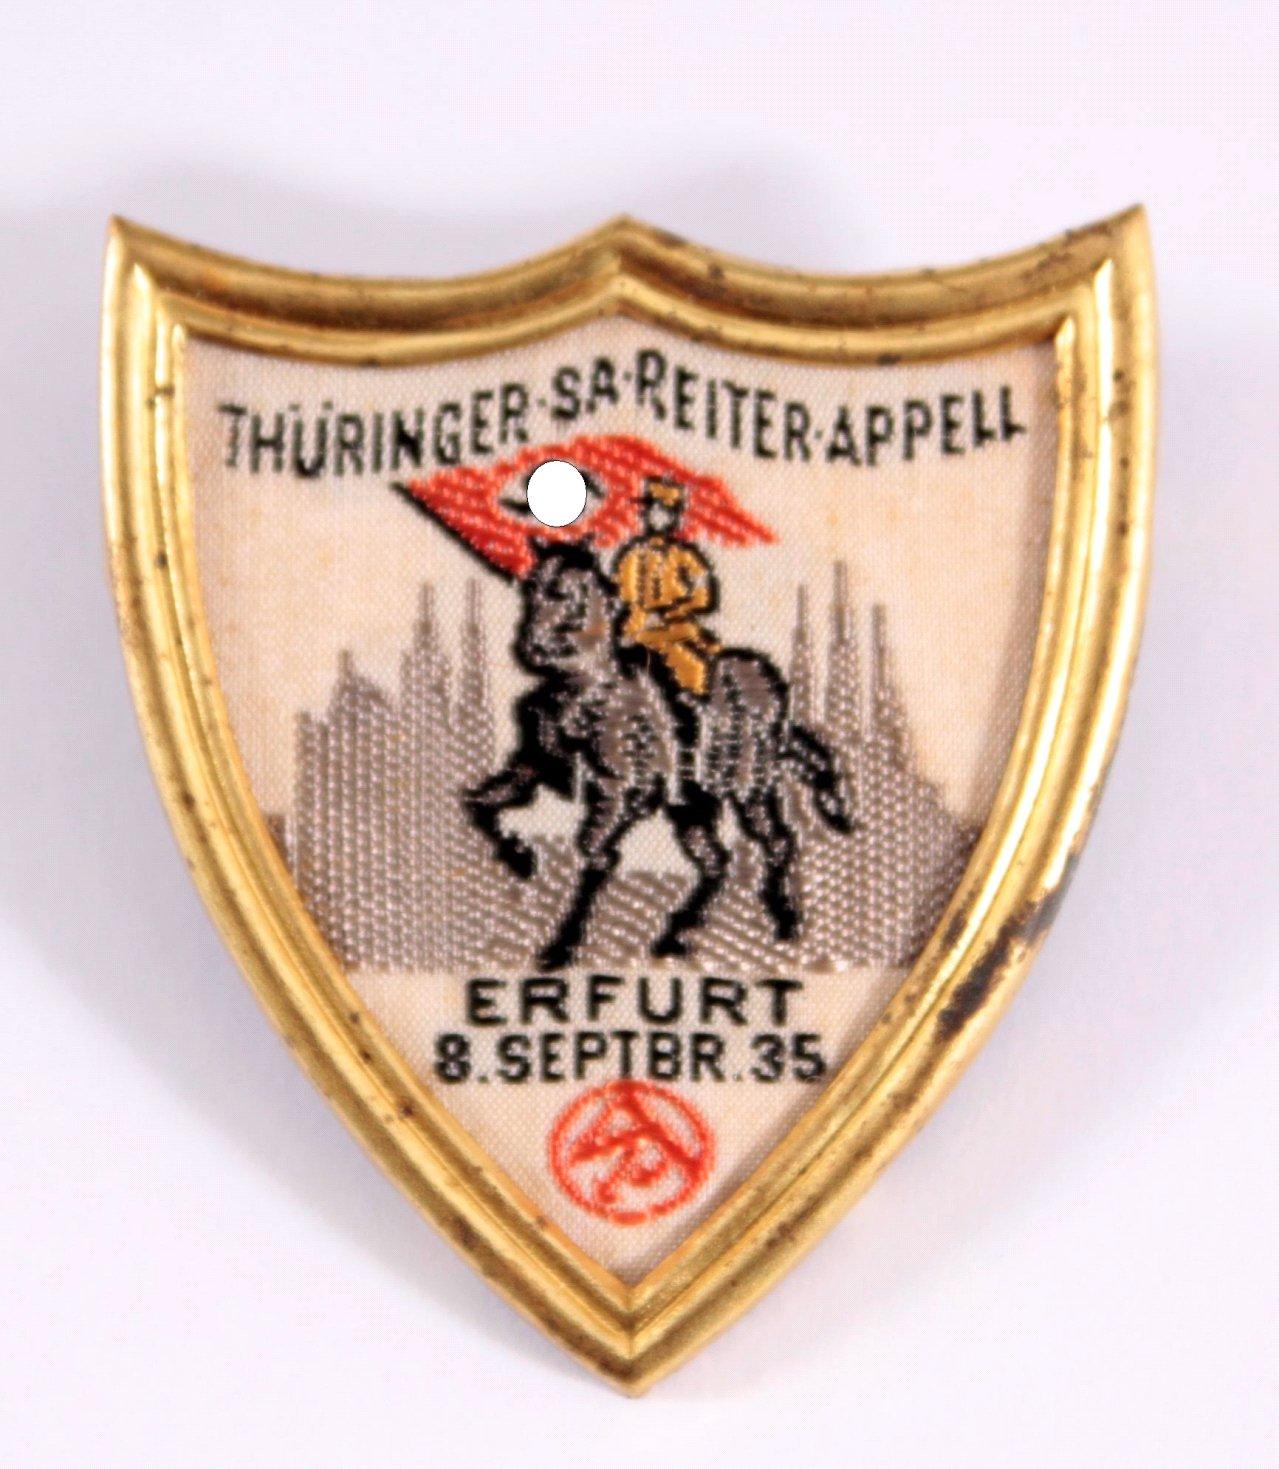 Abzeichen Thüringer SA Reiterappell, Erfurt 1935